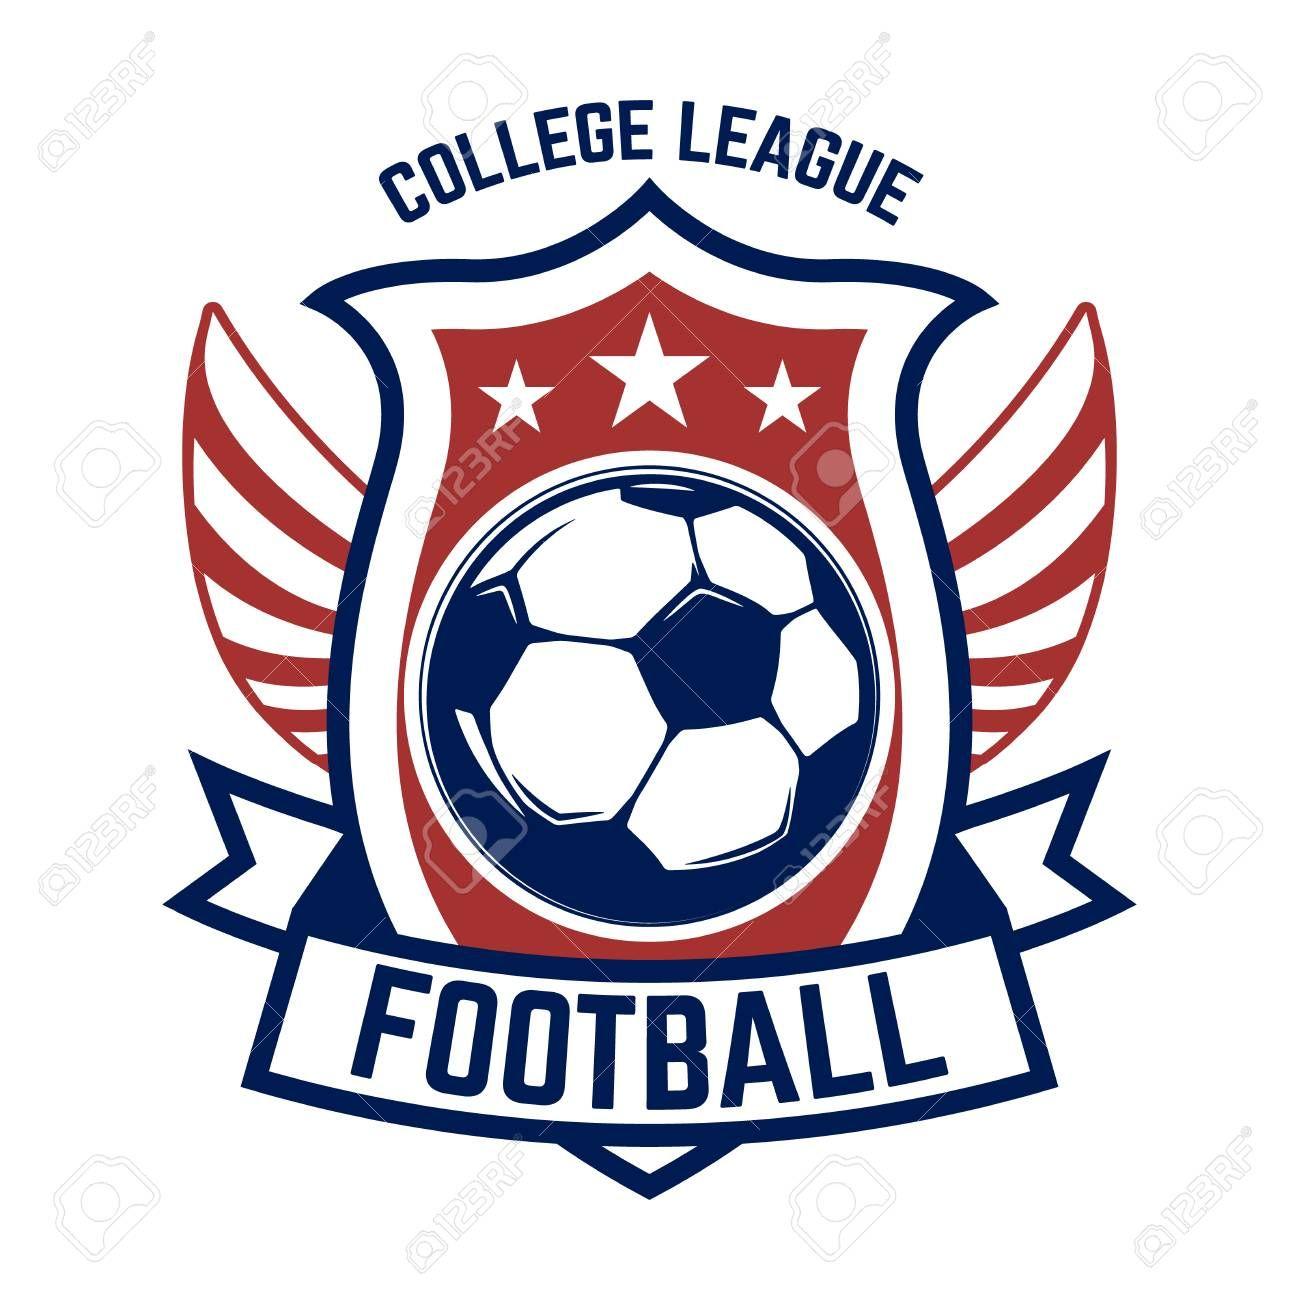 Soccer Football Emblems Design Element For Logo Label Emblem Sign Vector Illustration Sponsored Design Element Vector Logo Design Element Logos